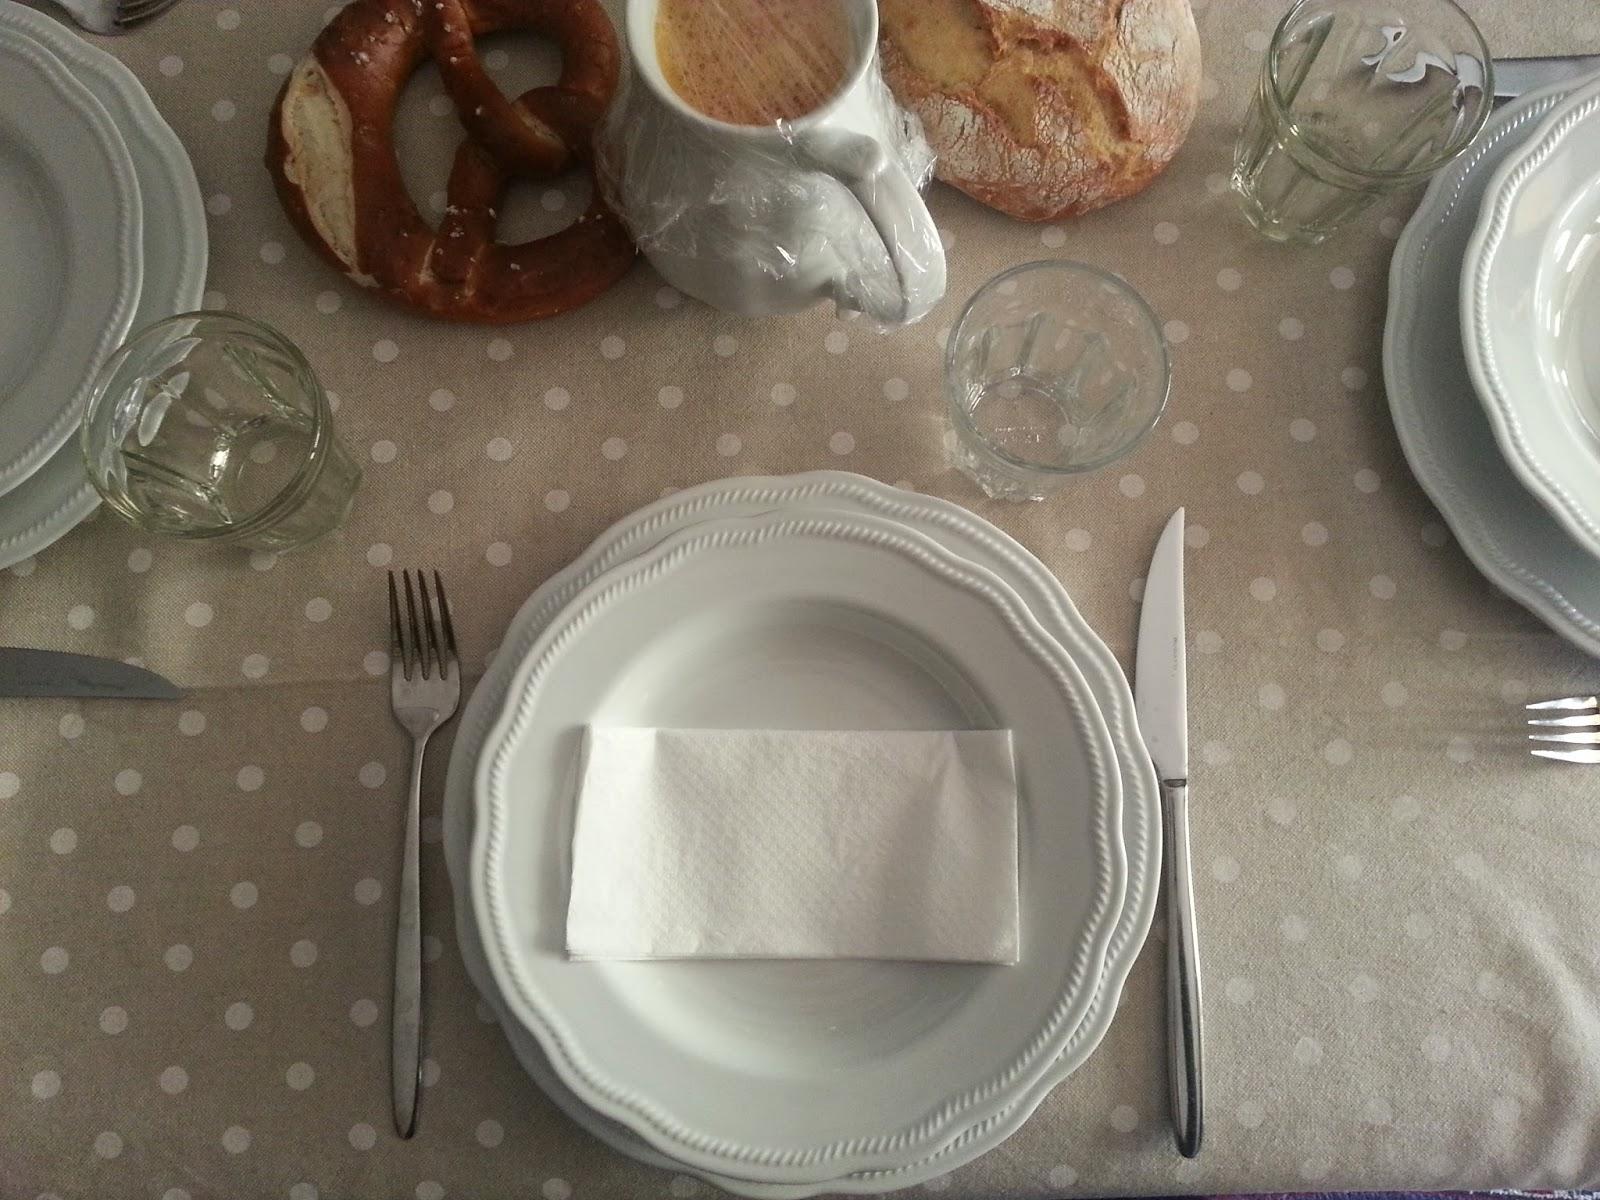 Come Apparecchiare La Tavola Galateo apparecchiare la tavola in modo semplice ed elegante